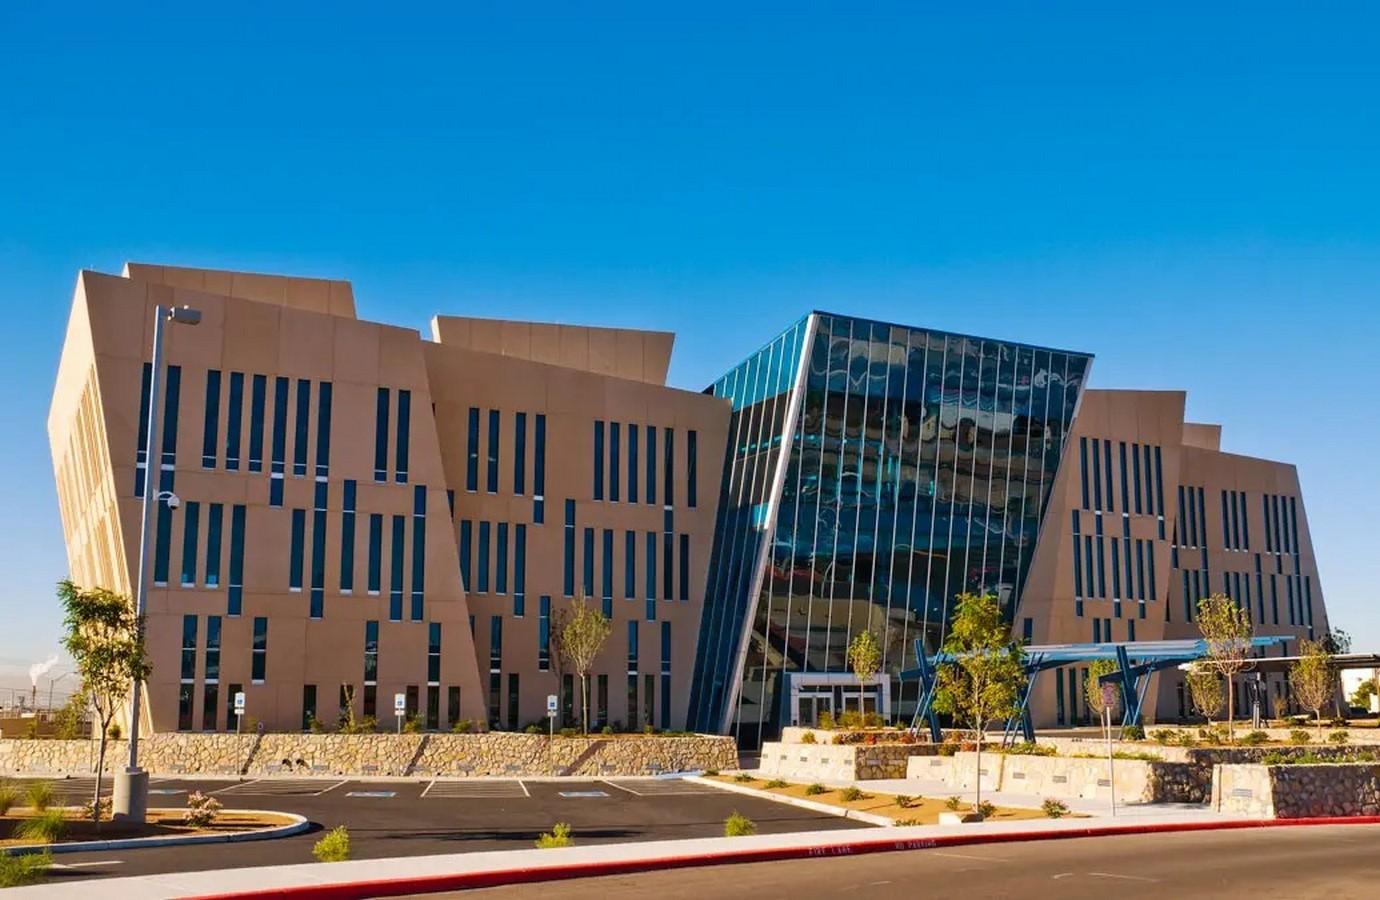 Architects in El Paso - Top 30 Architects in El Paso - Sheet8